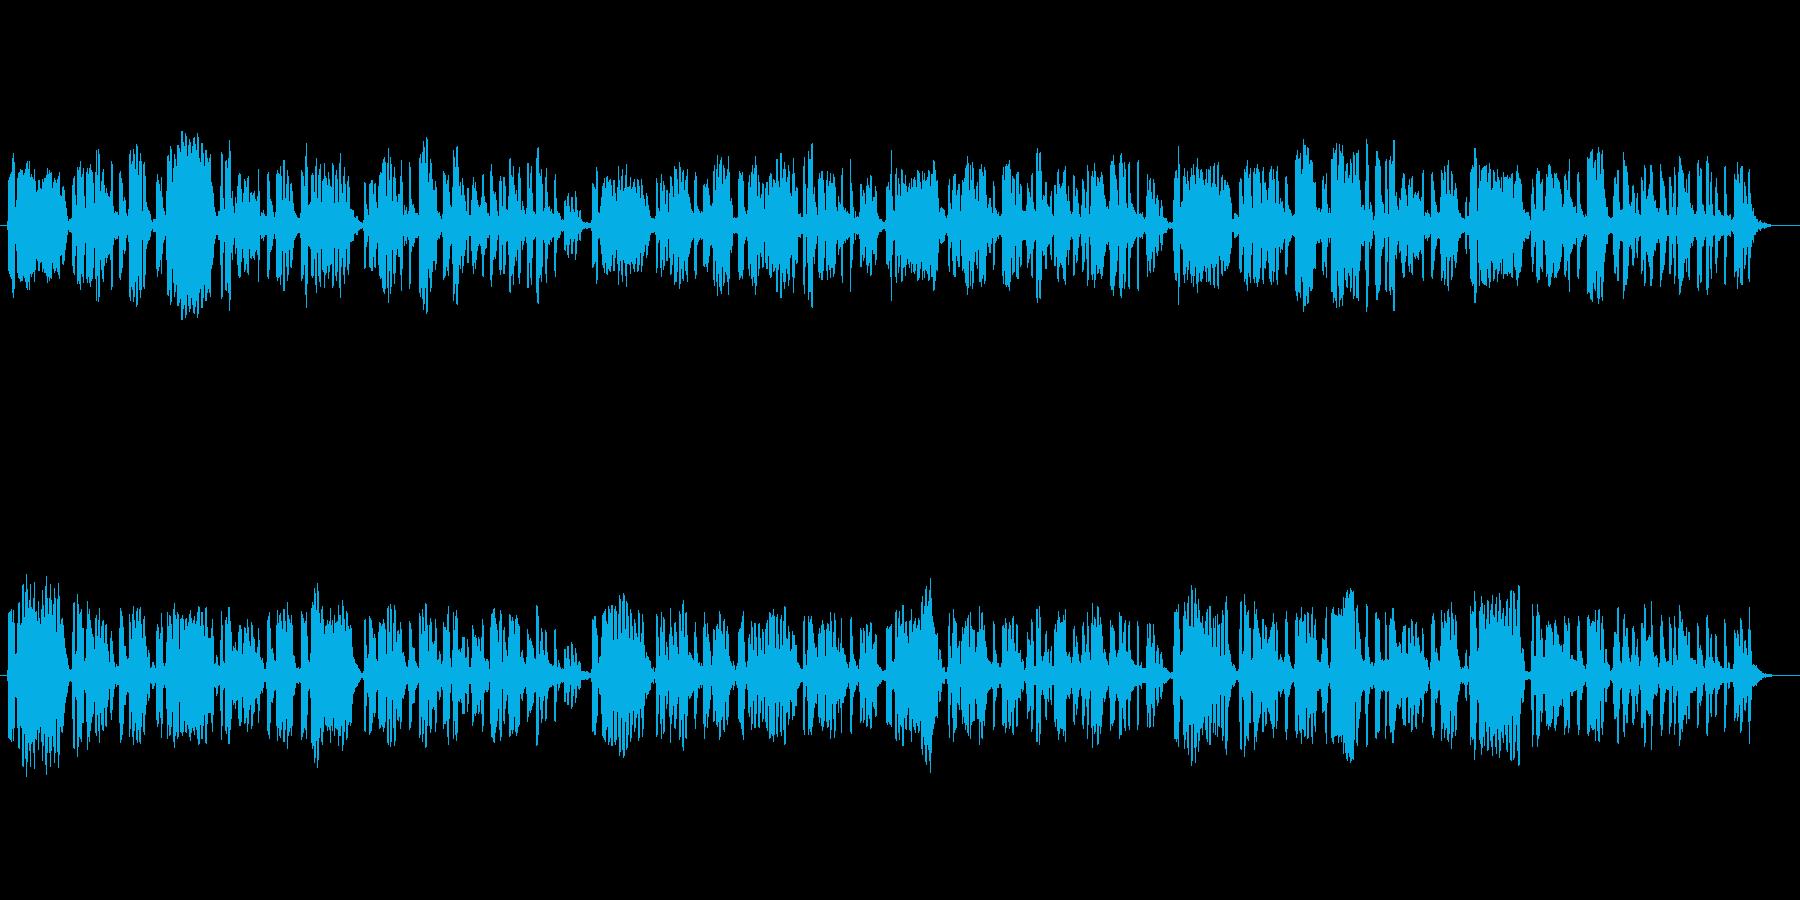 天気予報をイメージしたフルート独奏曲の再生済みの波形